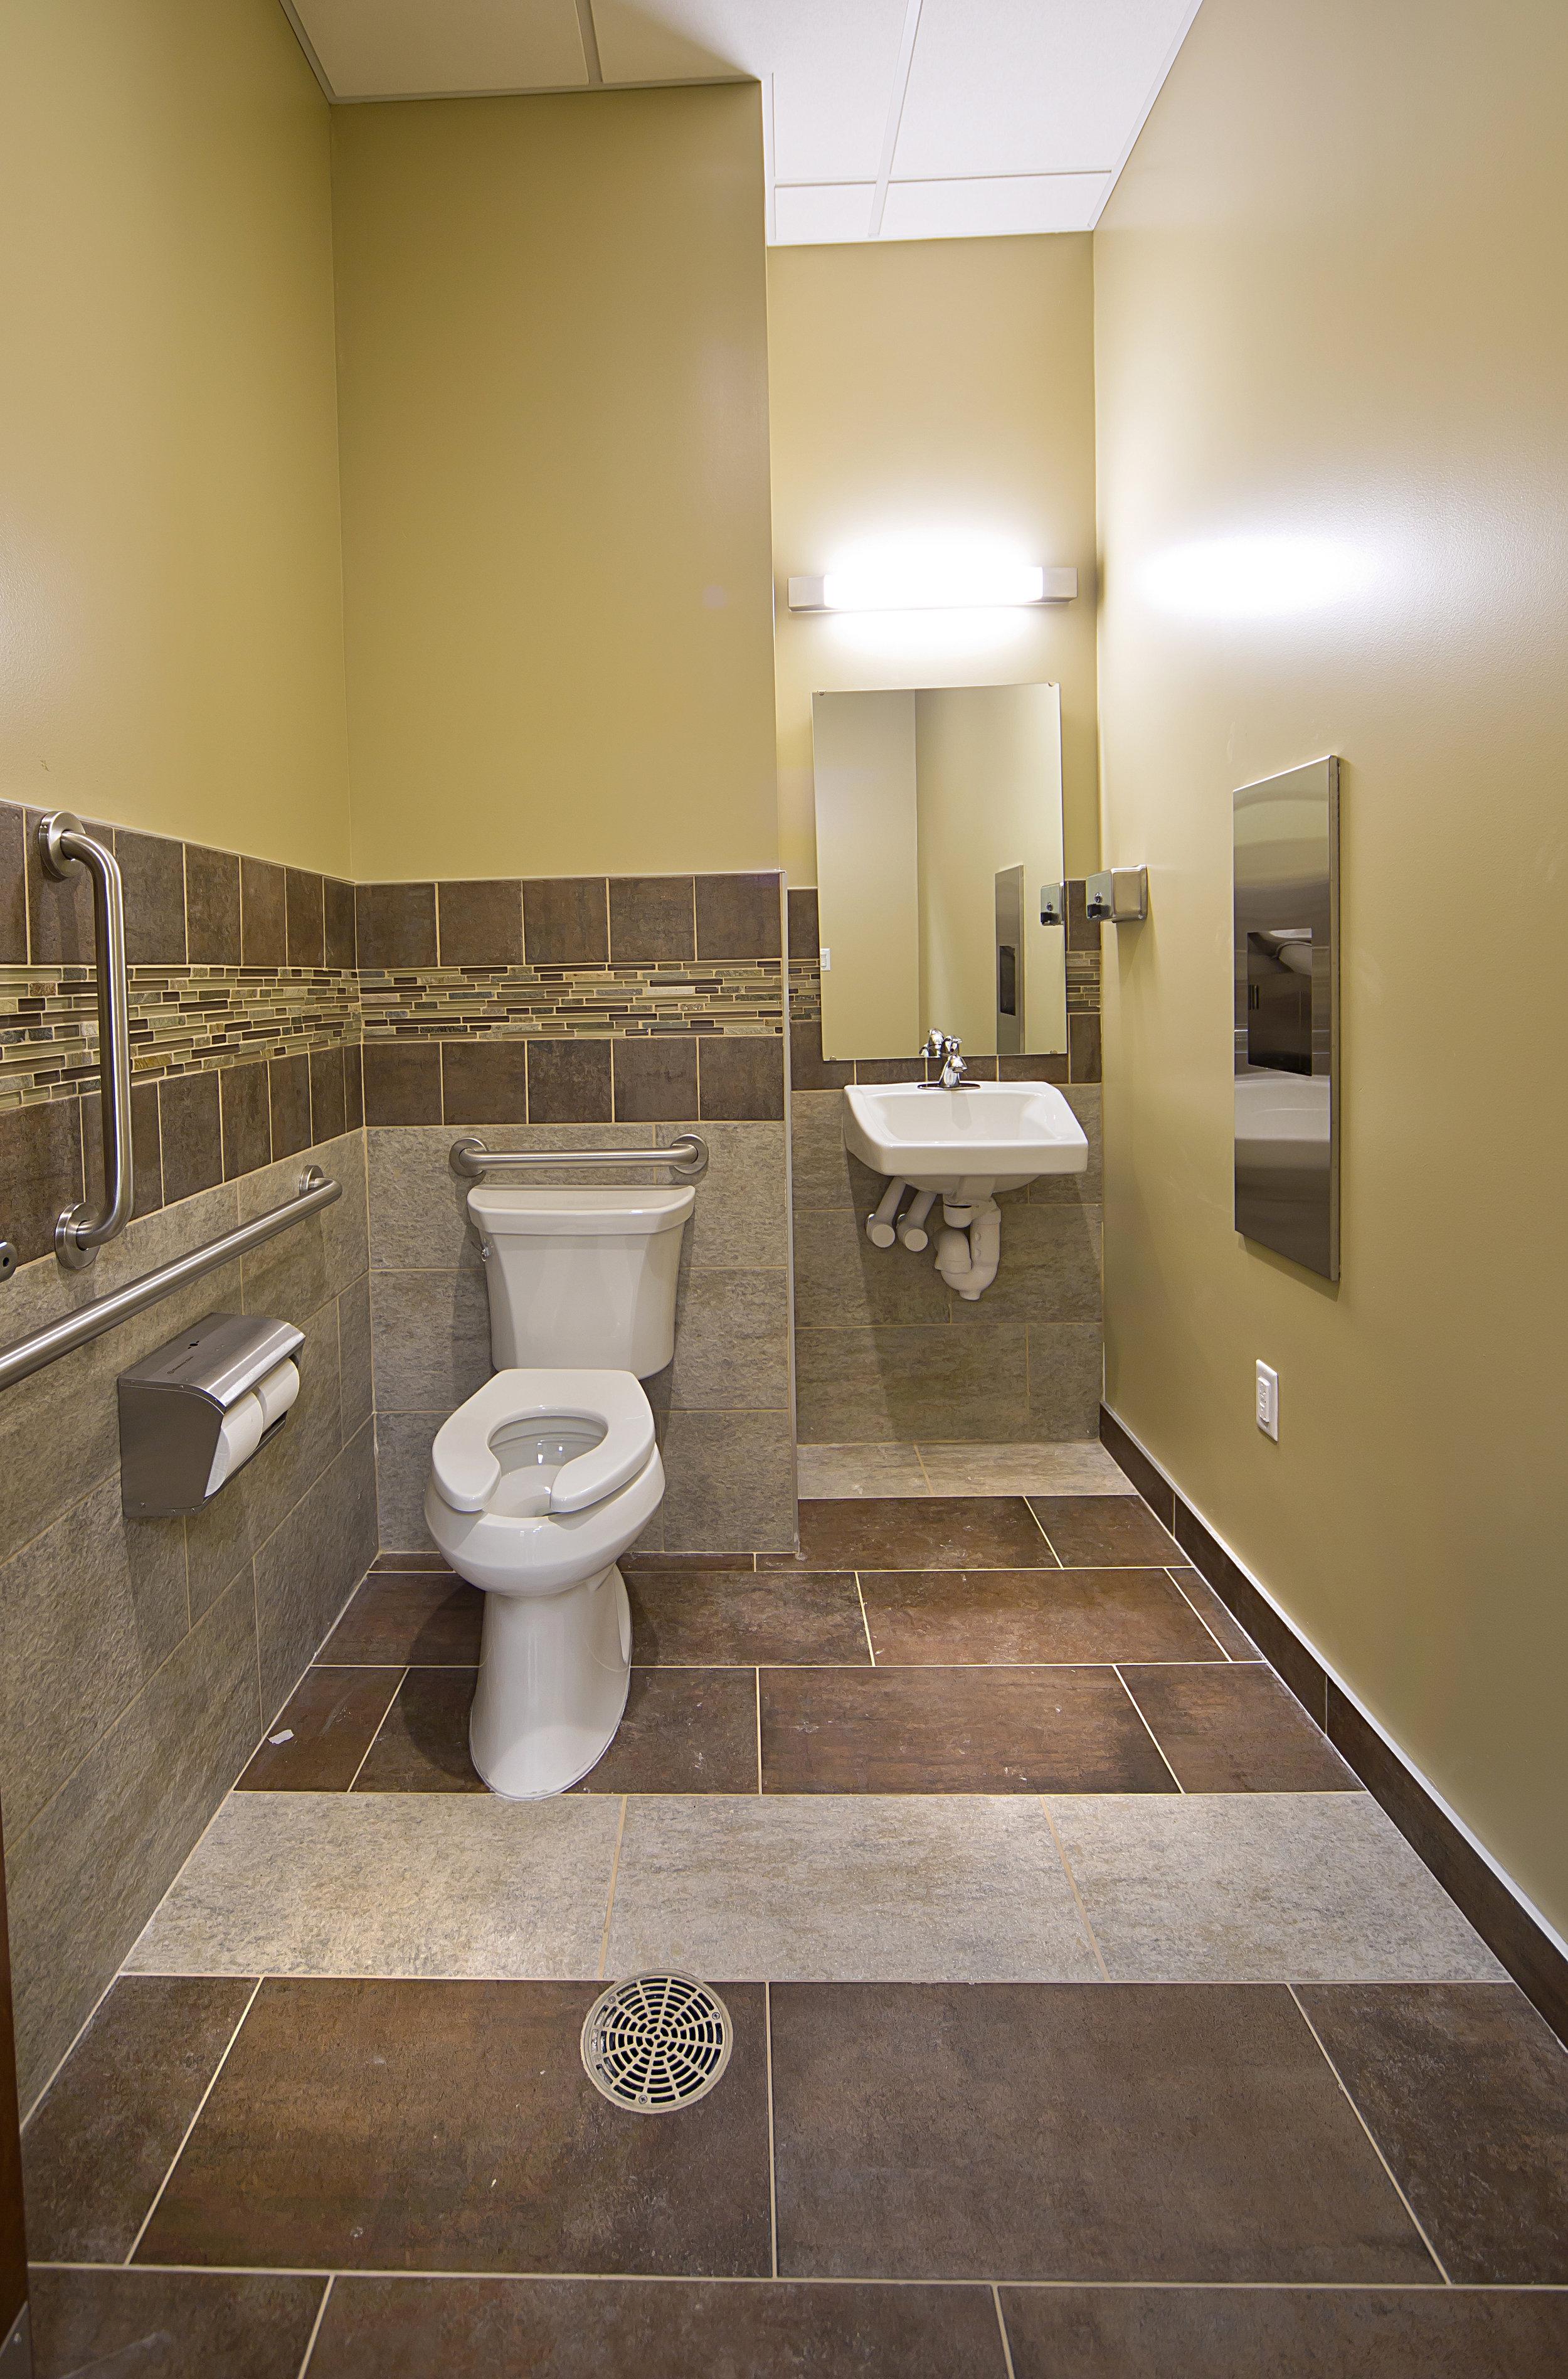 SC_Restroom.jpg